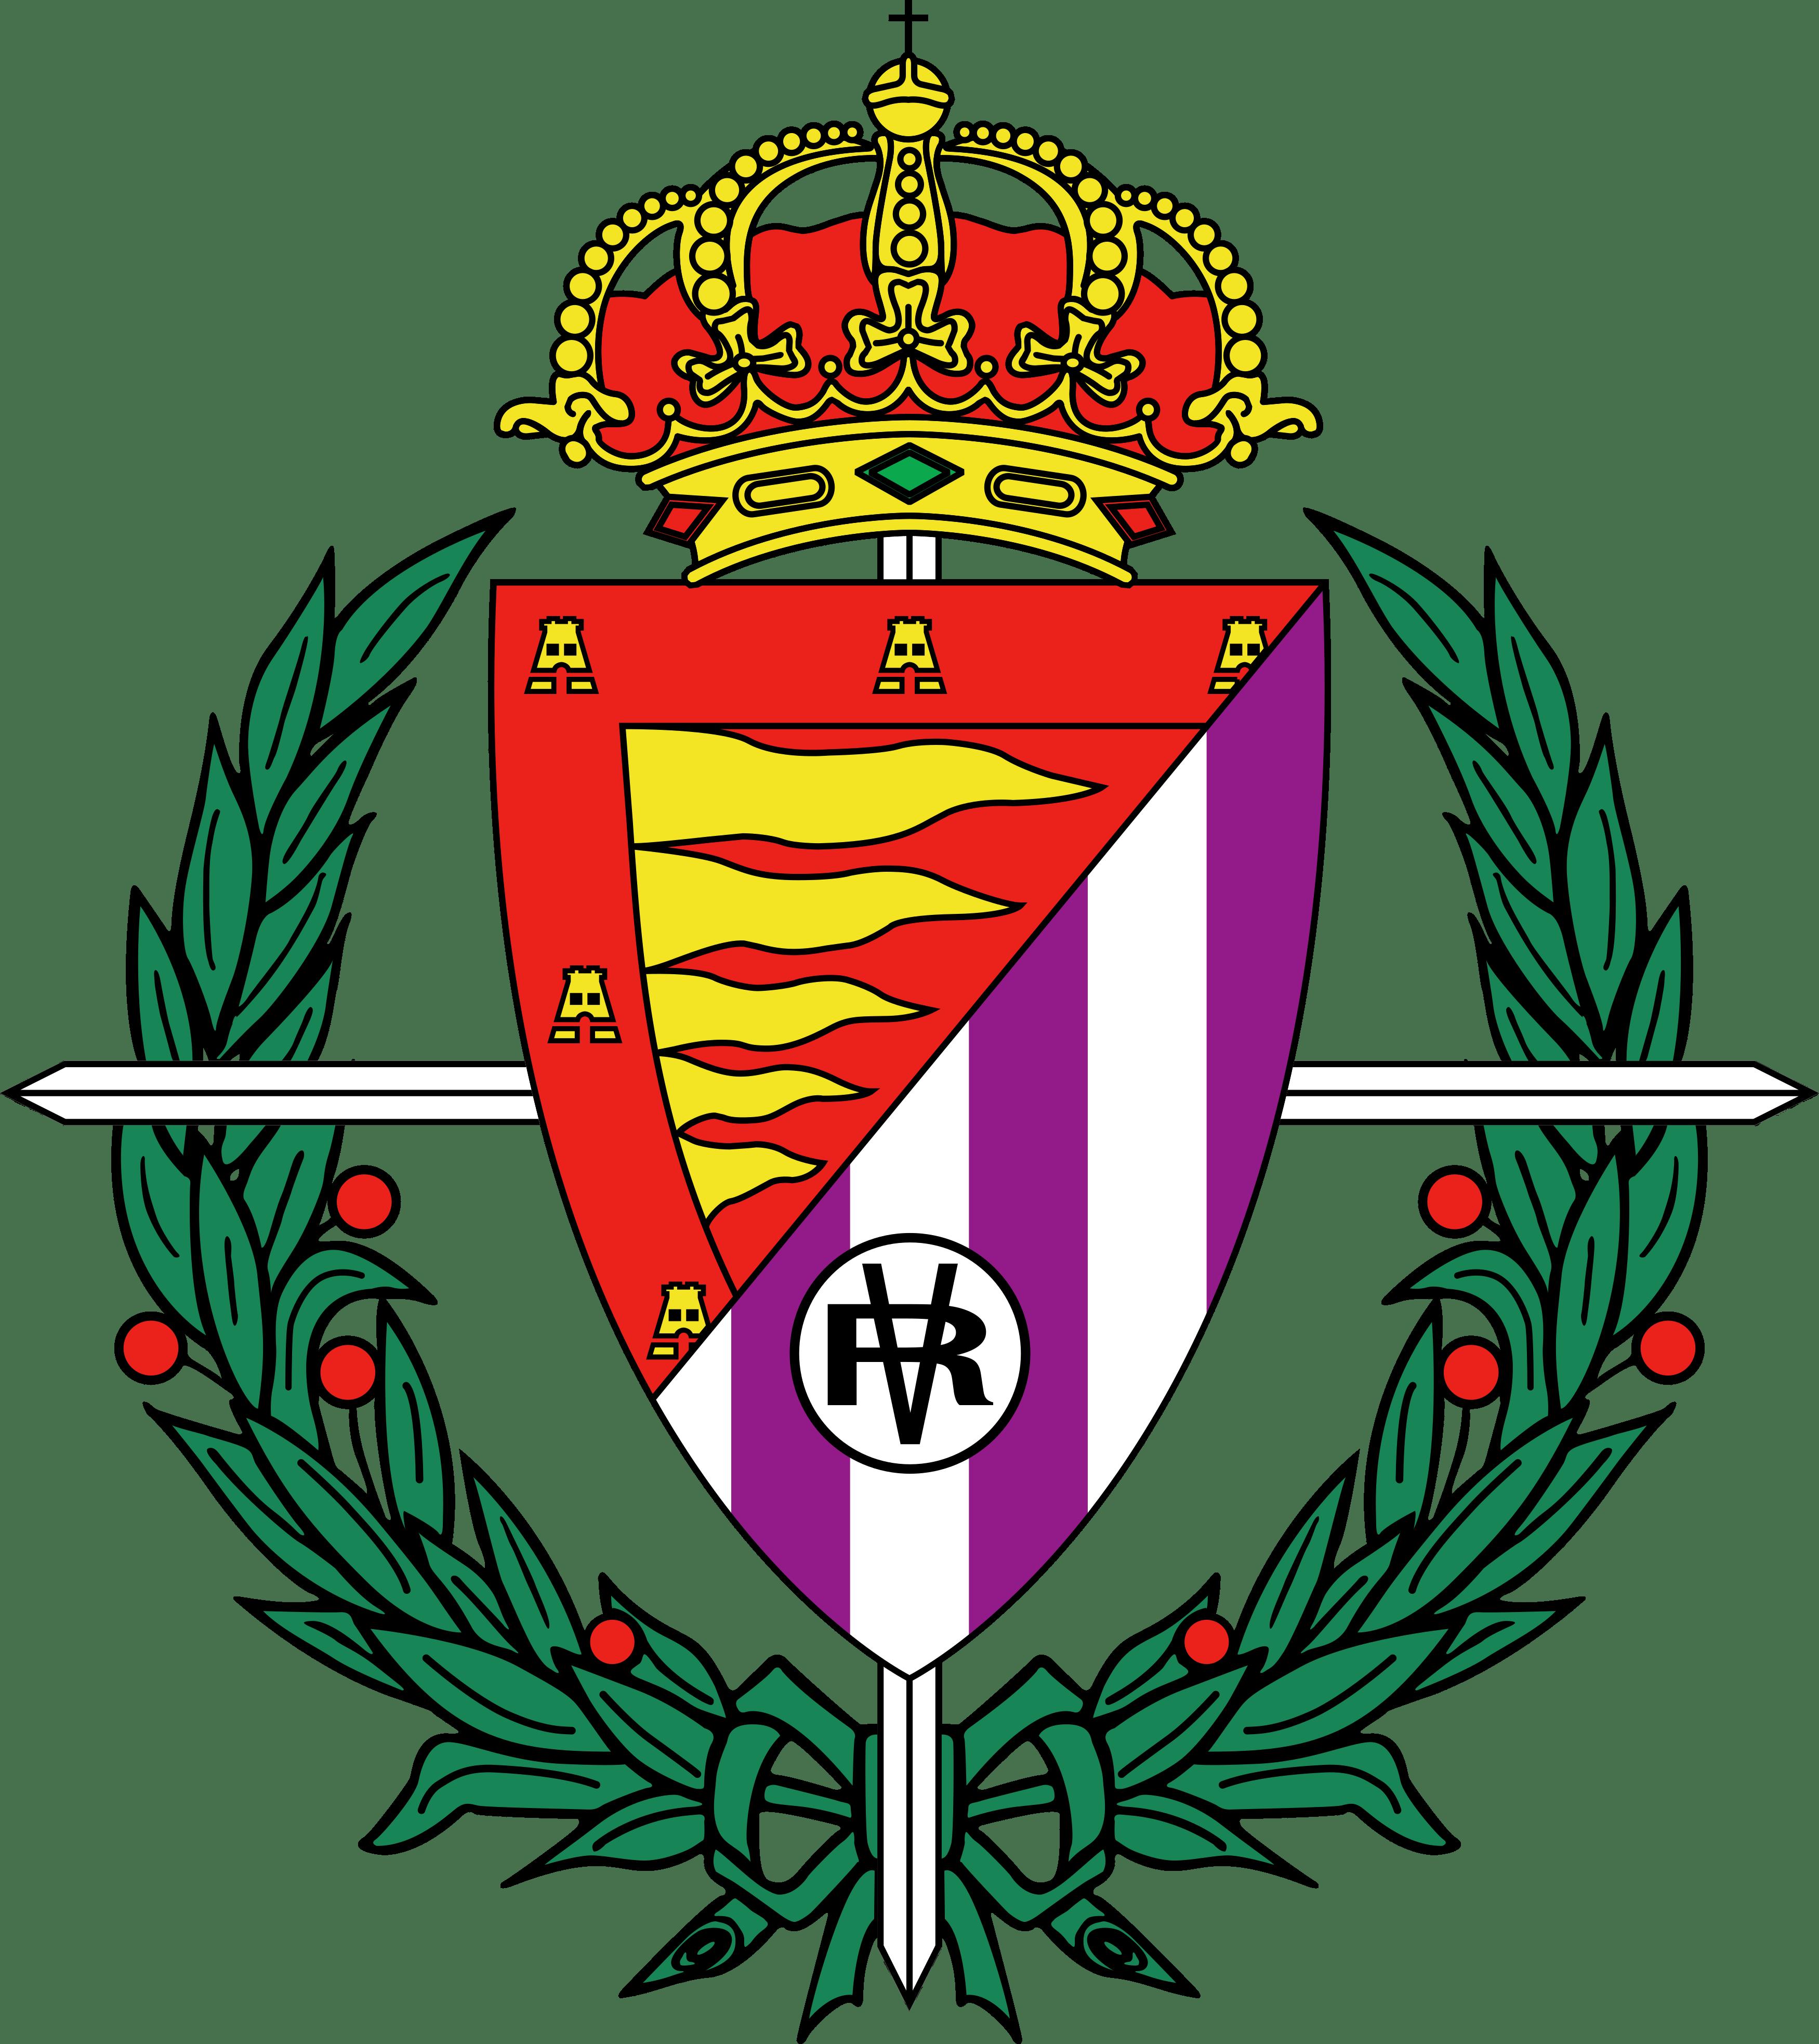 Imagen del escudo del Real Valladolid